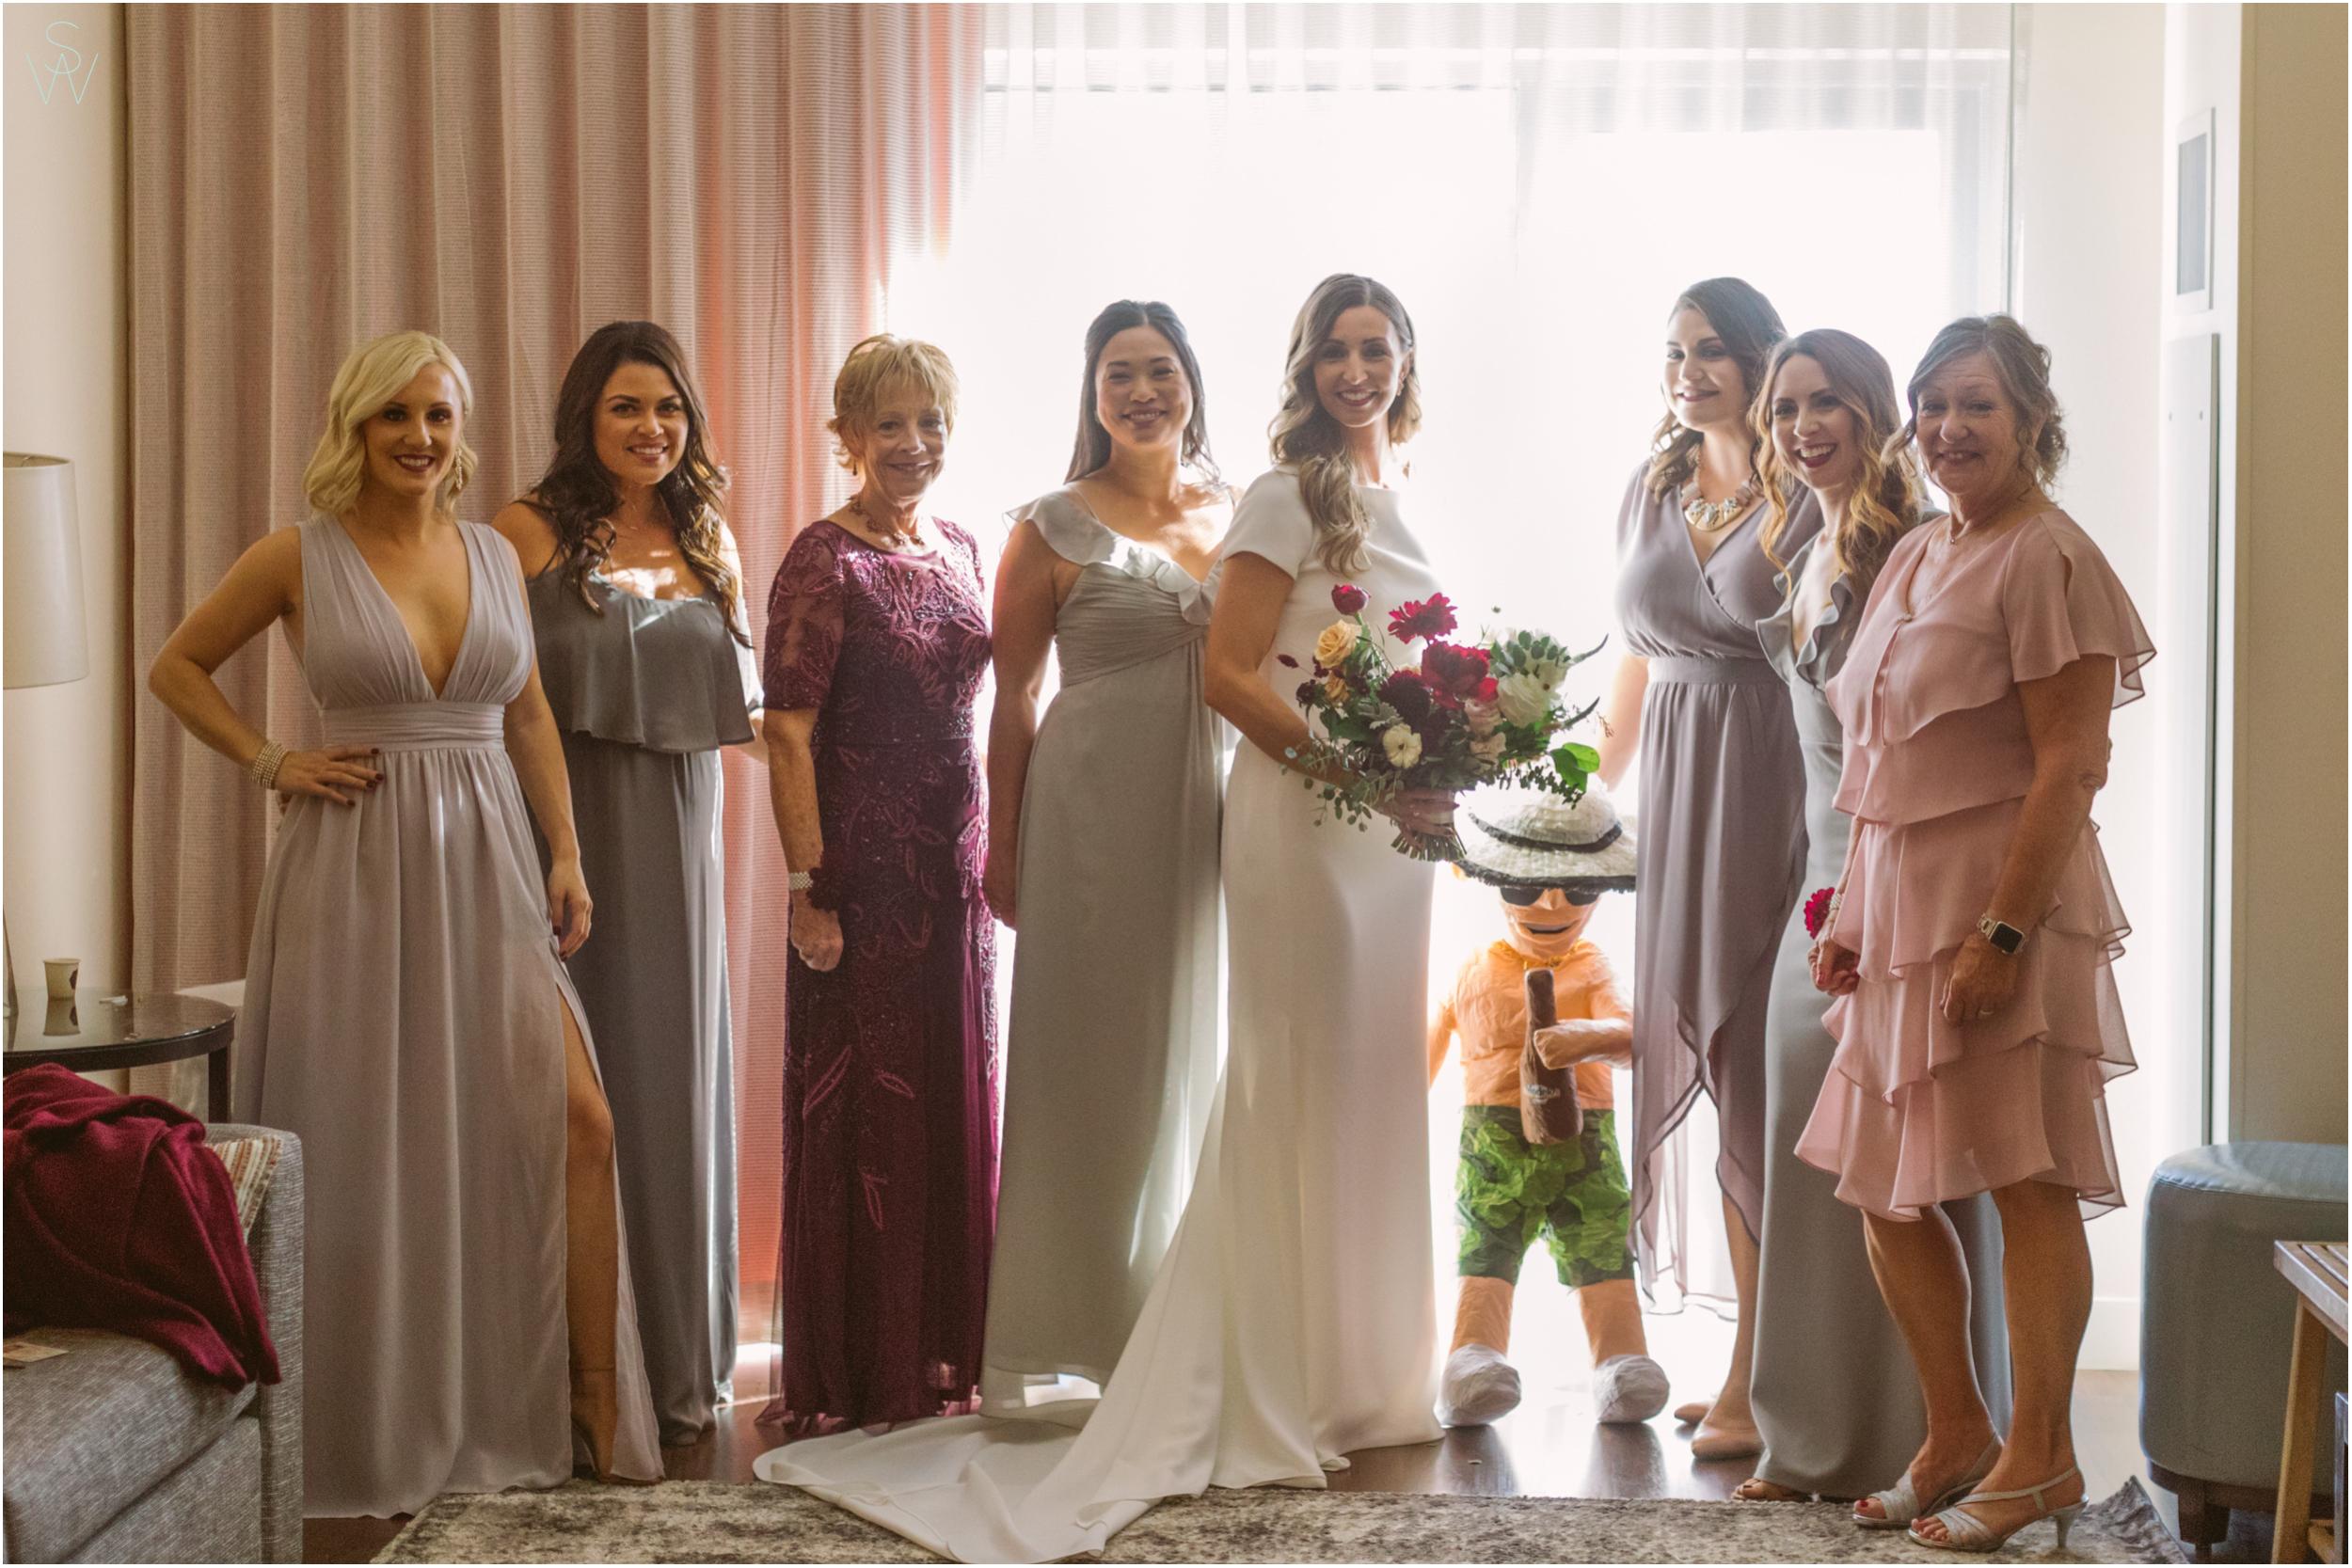 109THE.UNDERGROUND.ELEPHANT.wedding.photography.shewanders.JPG